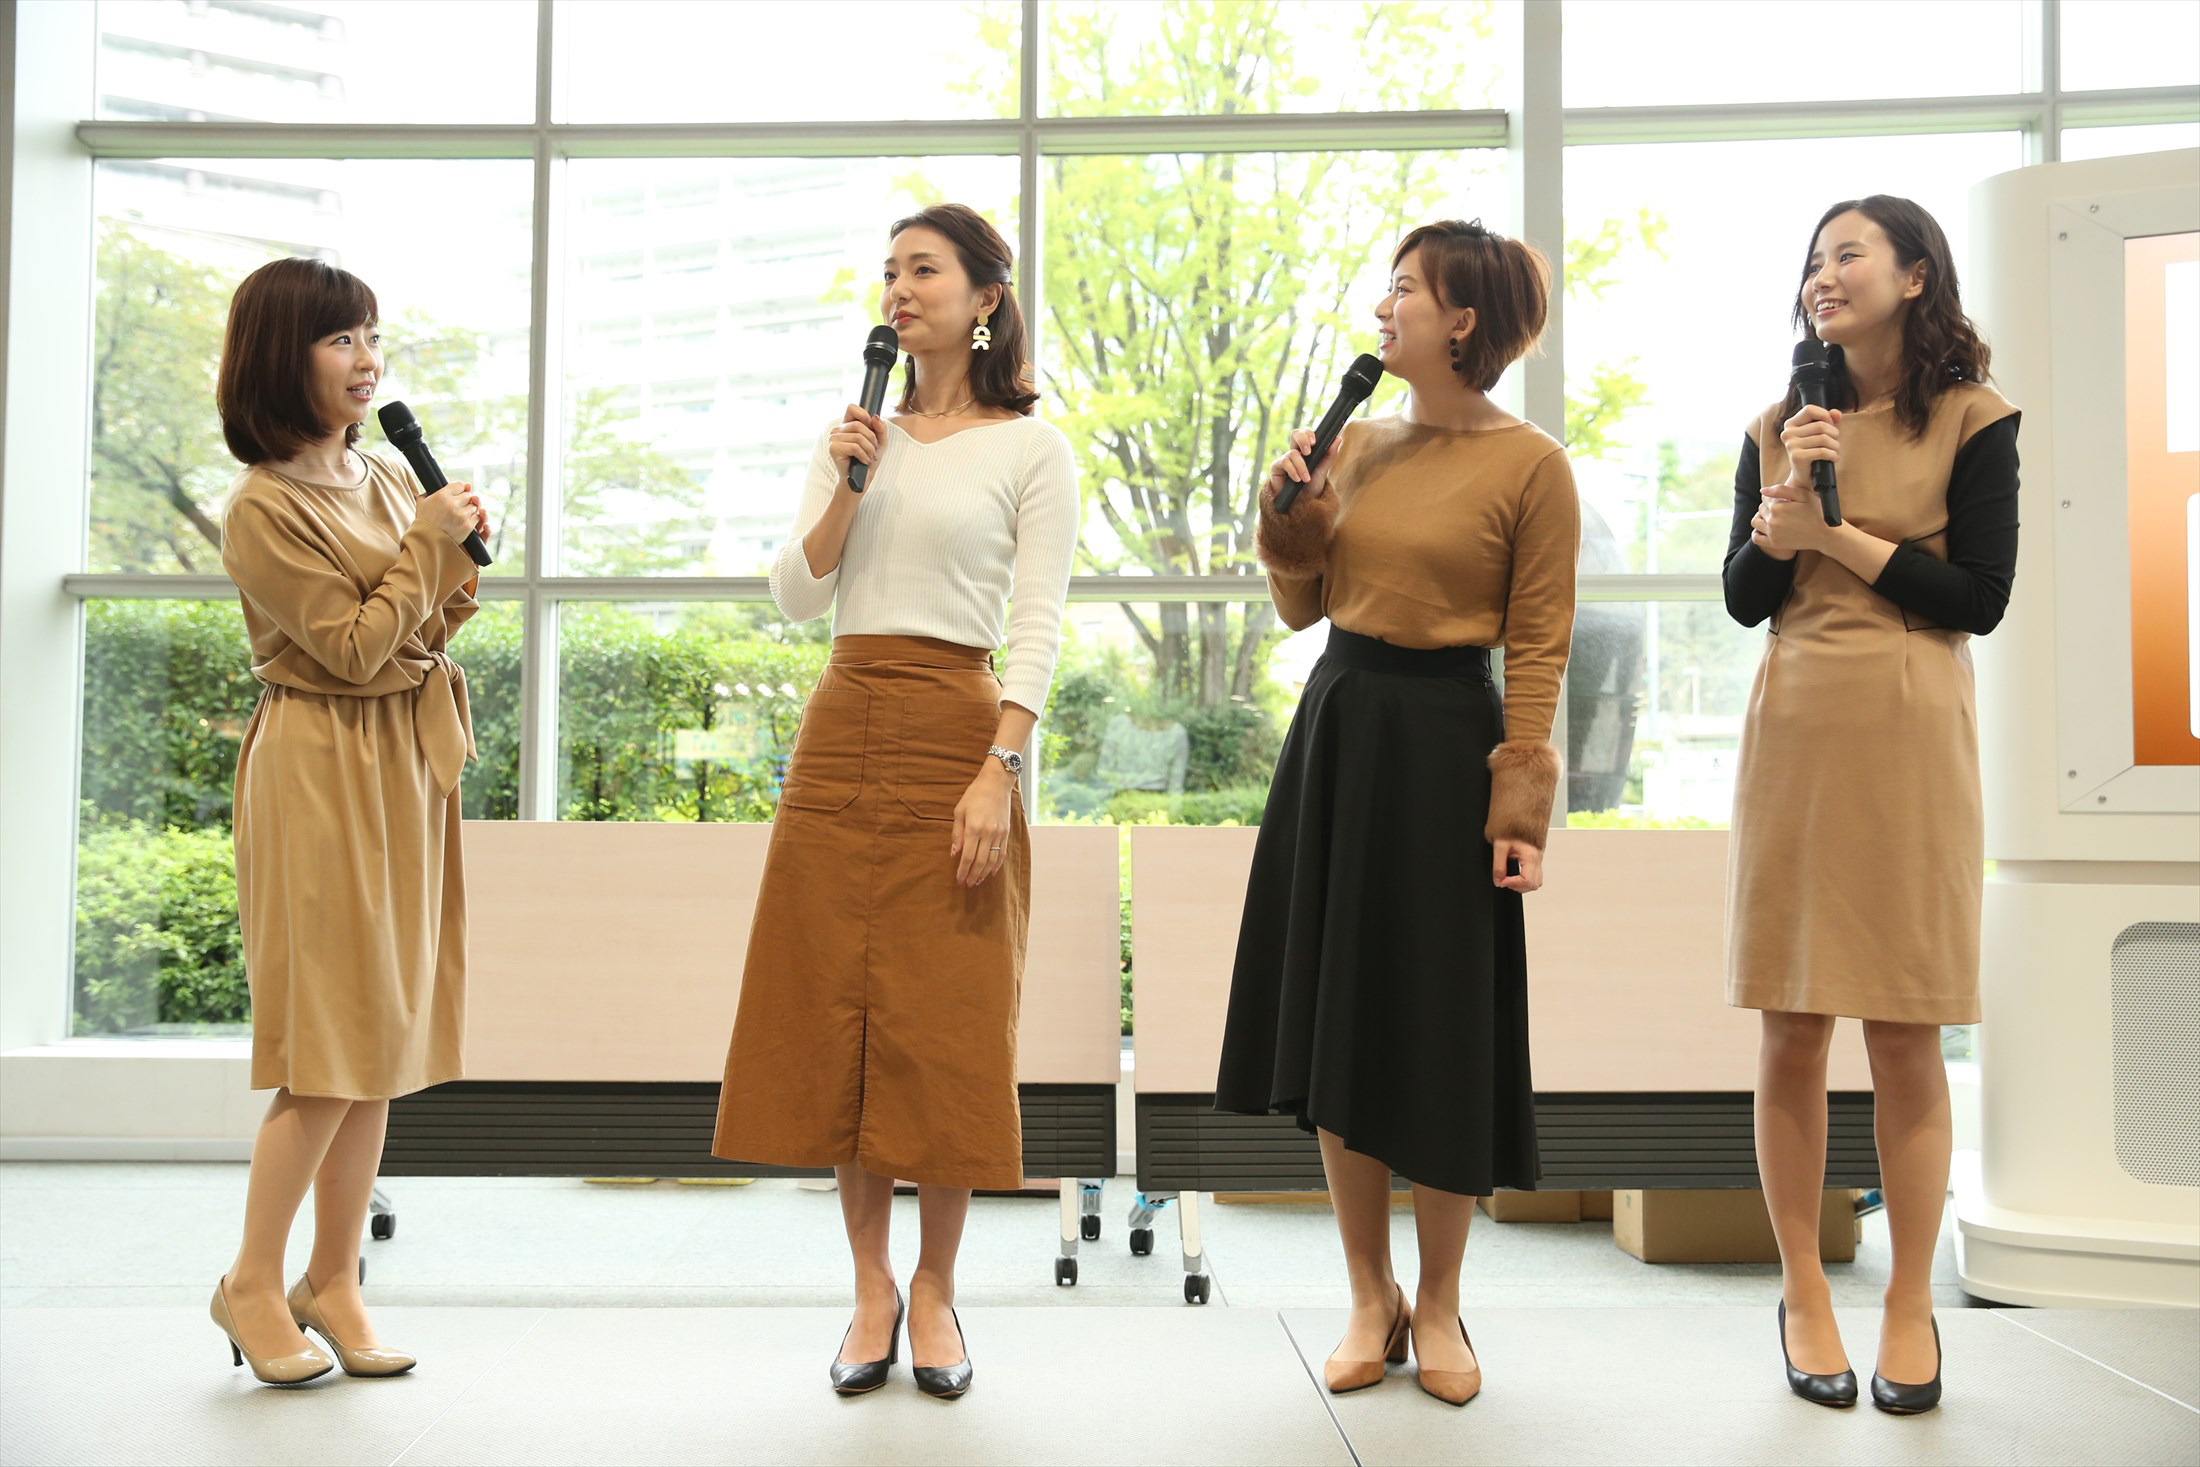 テレ朝女子アナのカレンダーお渡し会が開催される!!wwwwwwww